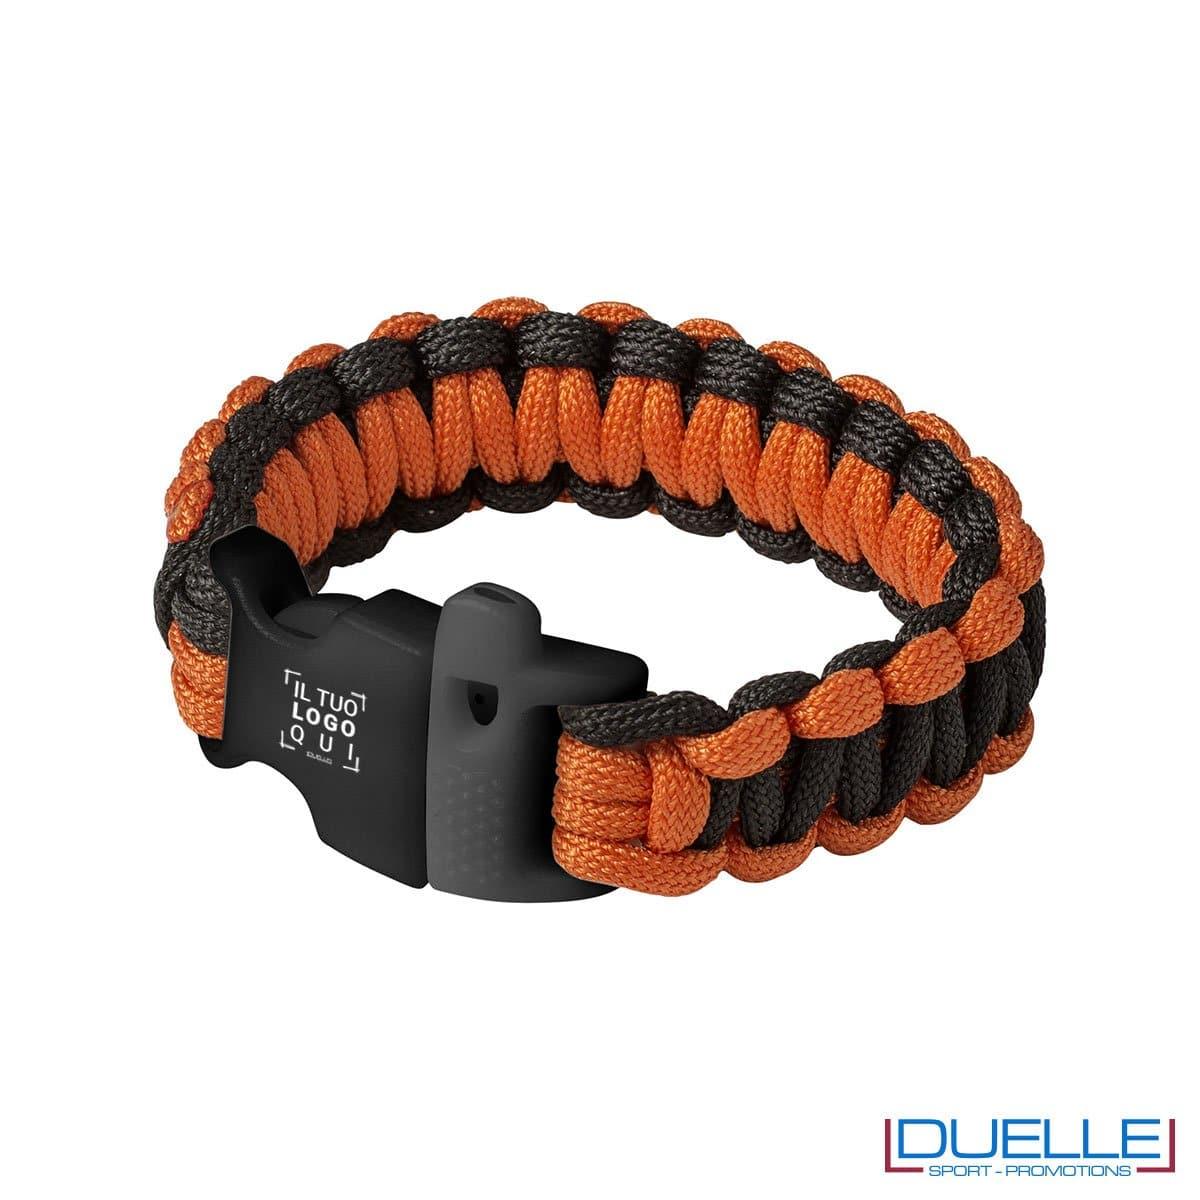 bracciale personalizzato di emergenza, bracciale promozionale di sopravvivenza